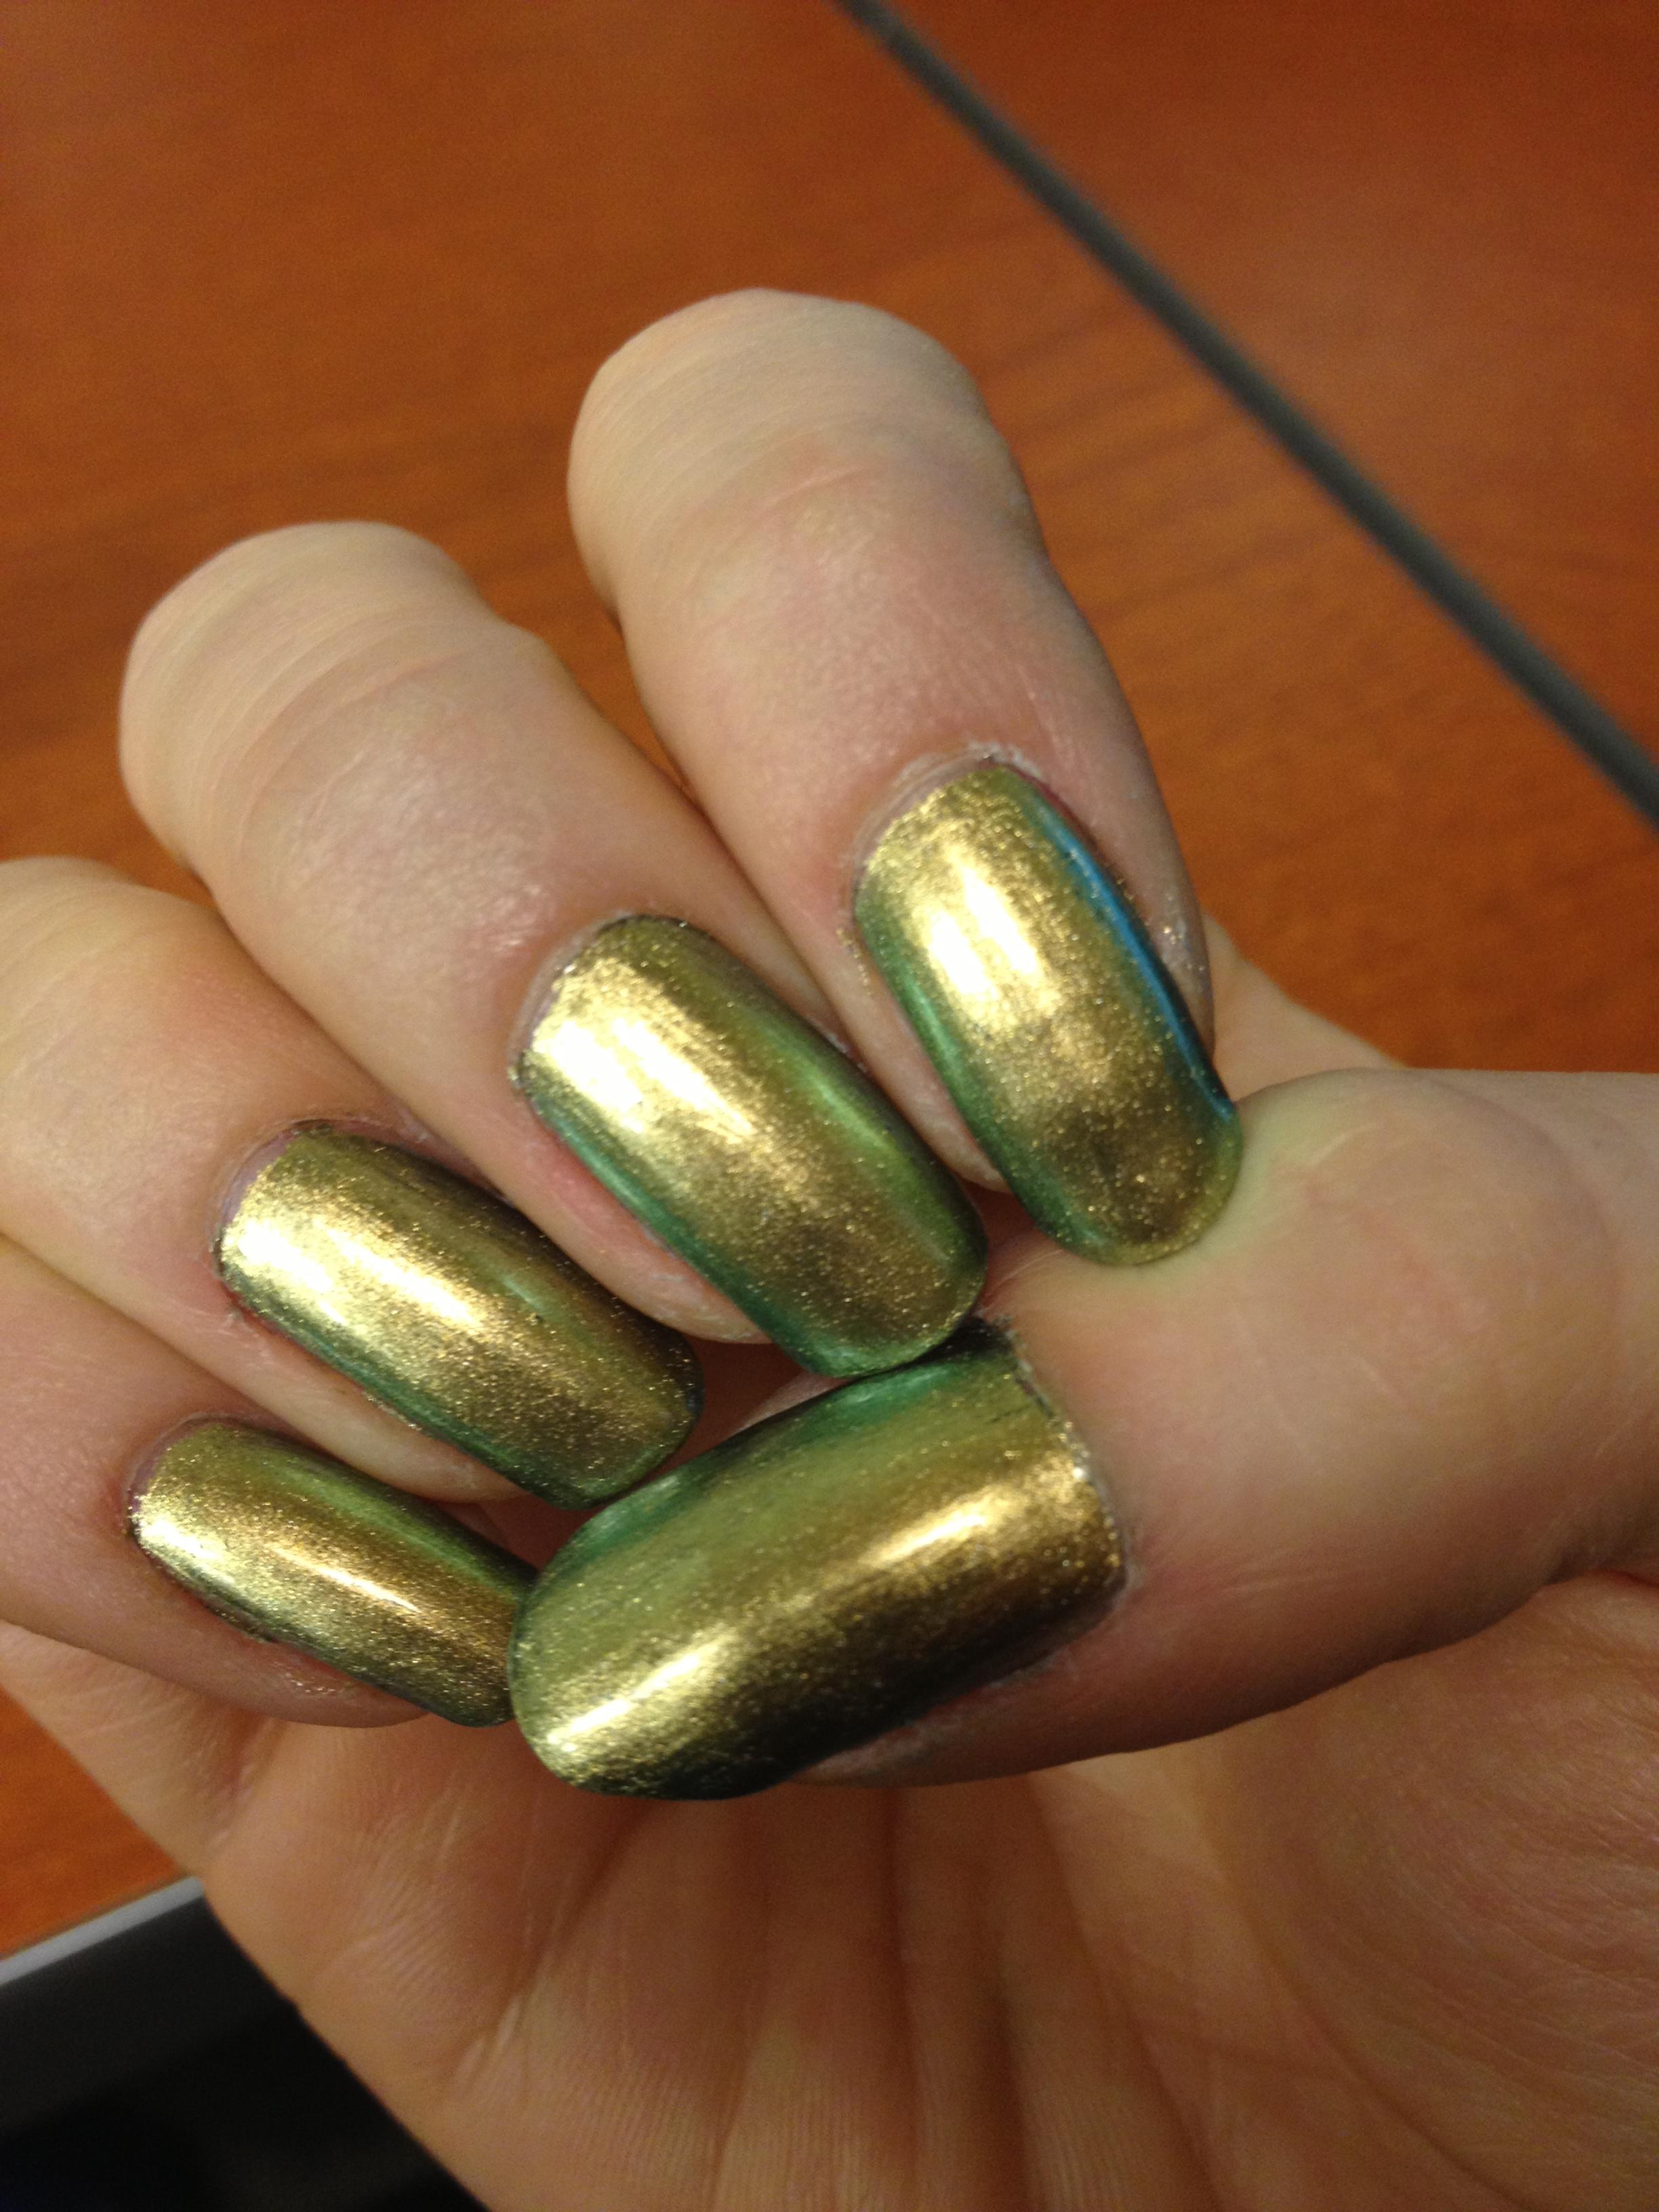 Gold Chrome Nail Polish Opi - To Bend Light